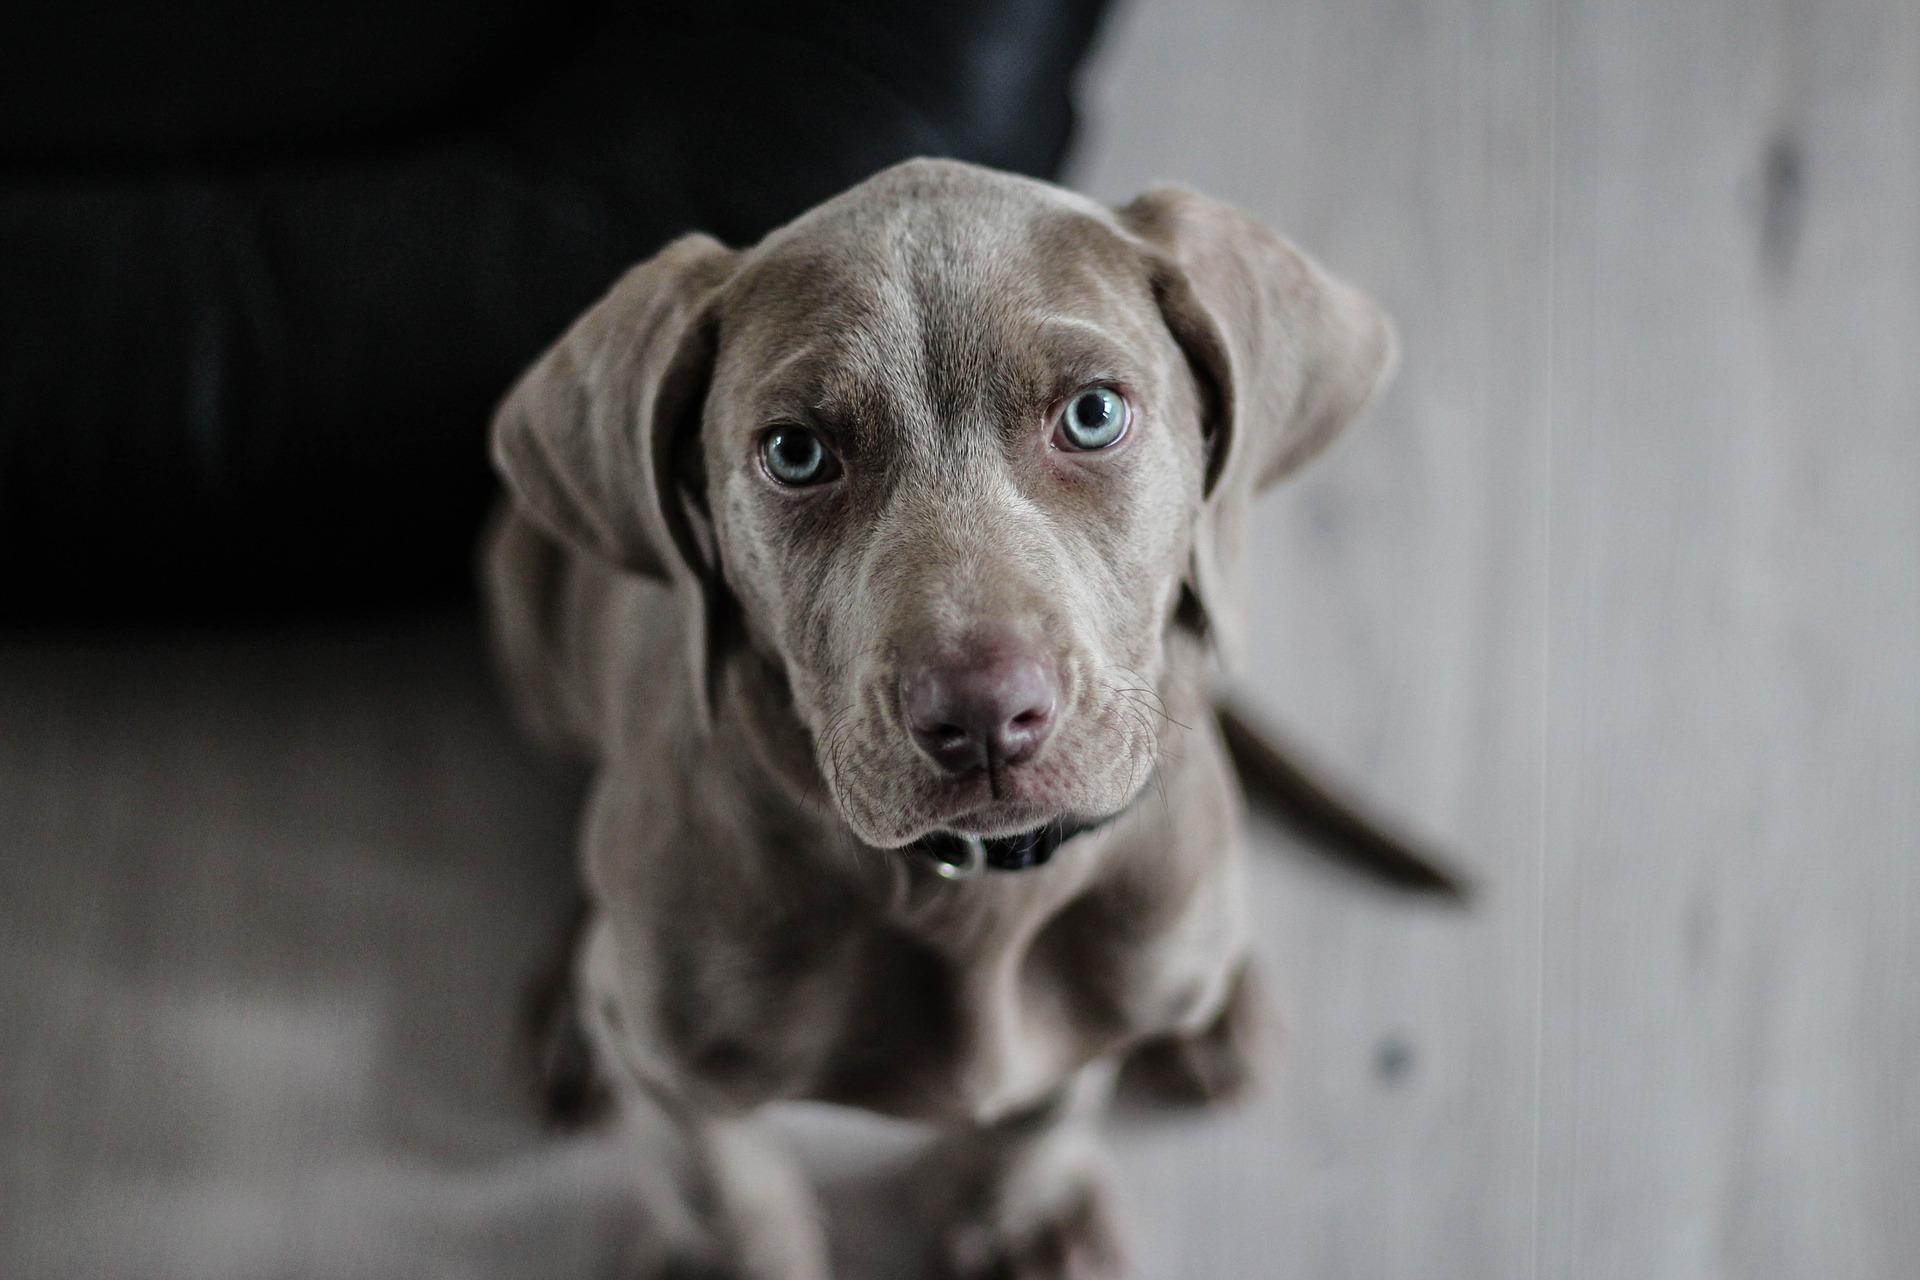 Wundpflege Und Wundbalsam Für Hunde Und Katzen